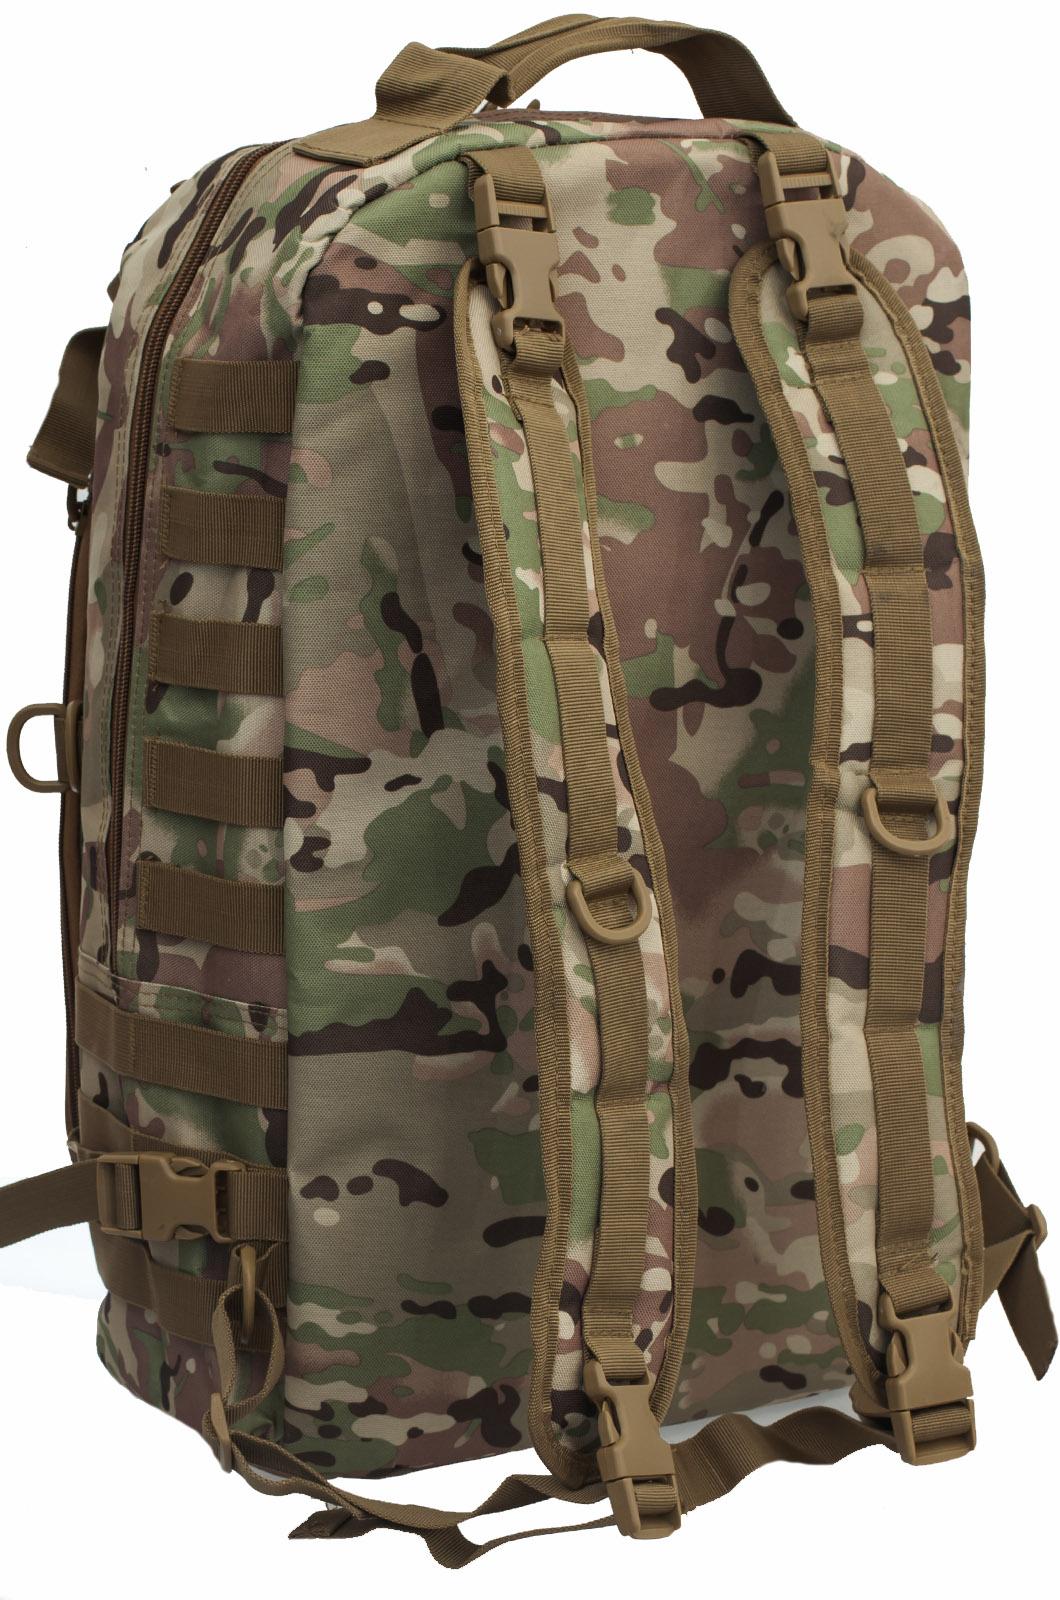 Охотничий камуфляжный рюкзак Ни Пуха ни Пера - купить в розницу